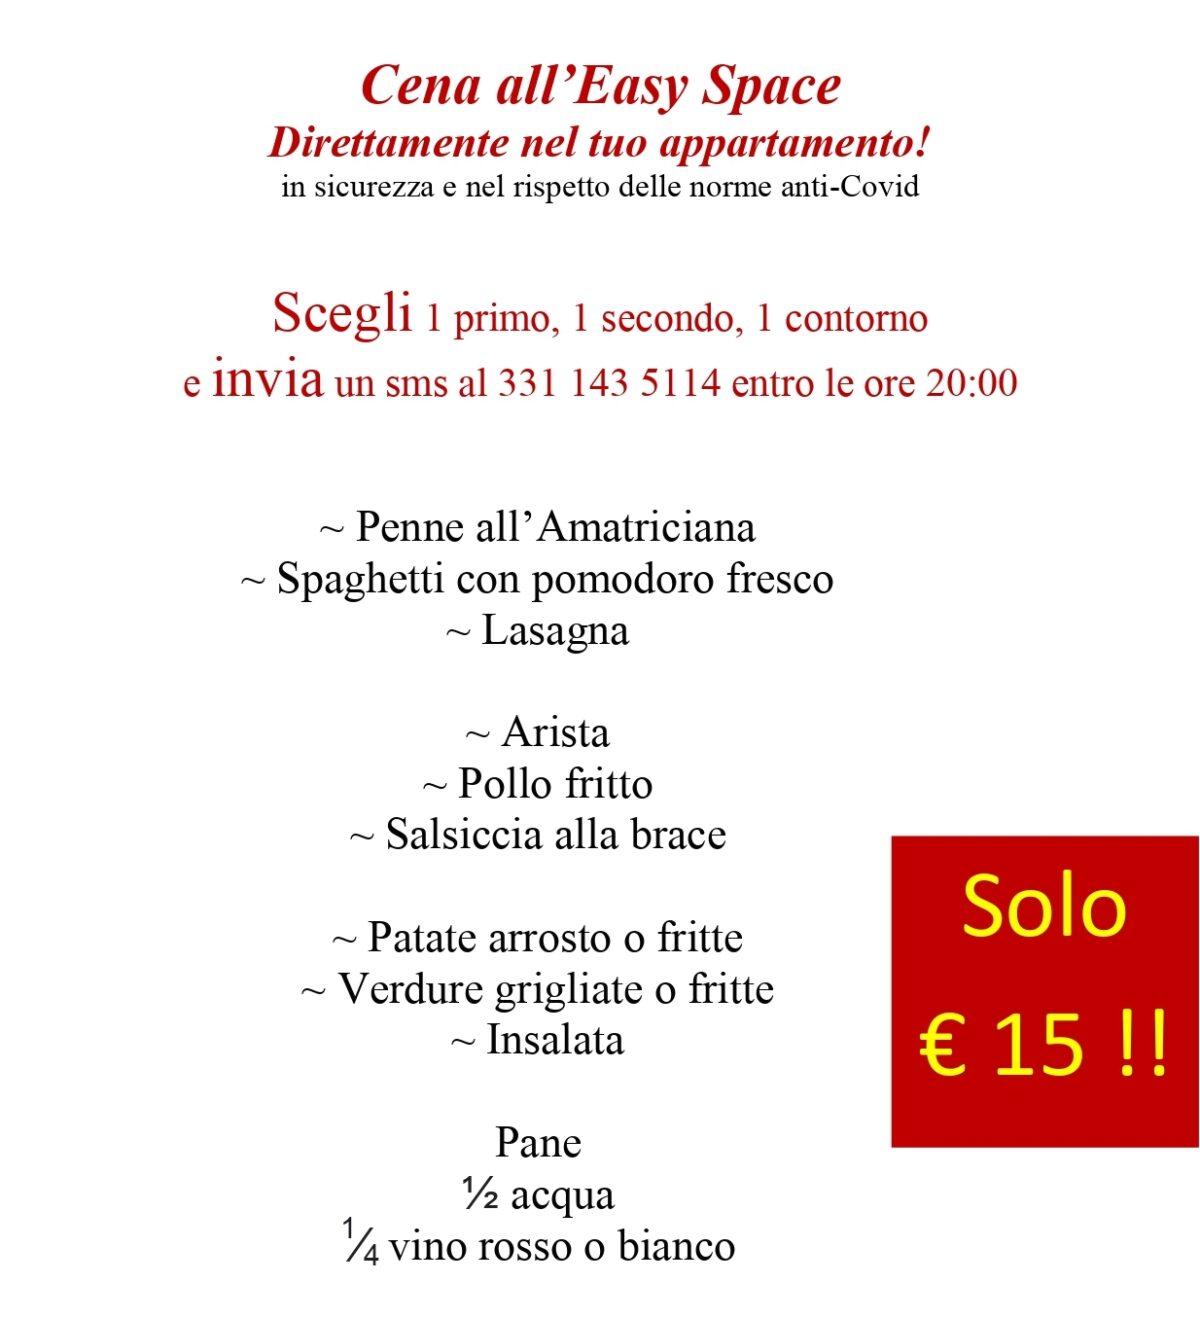 Cena-easy-space-copertina-1200x1318.jpg